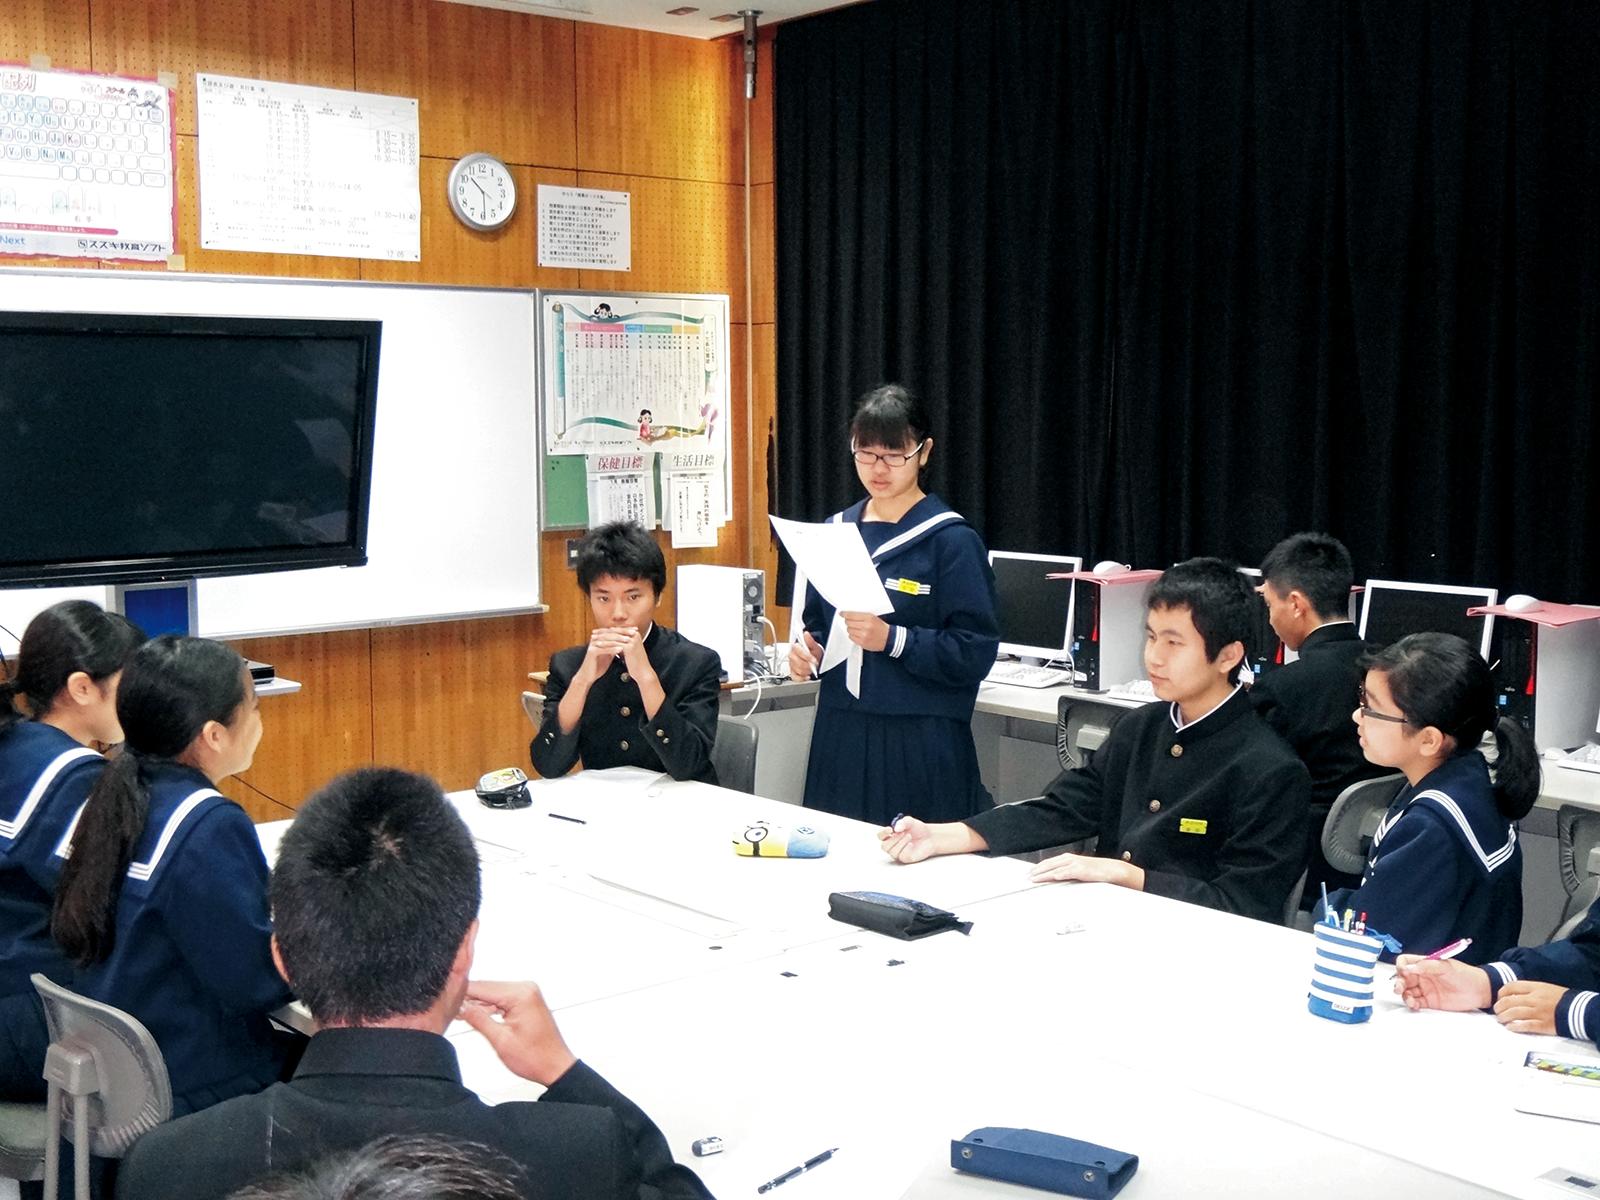 徳之島町立井之川中学校の環境学習とシューズ回収。生徒会の本部役員たちがどのようにシューズを回収するか、このプロジェクトをとおして何を学ぶべきかを話し合って考えた。